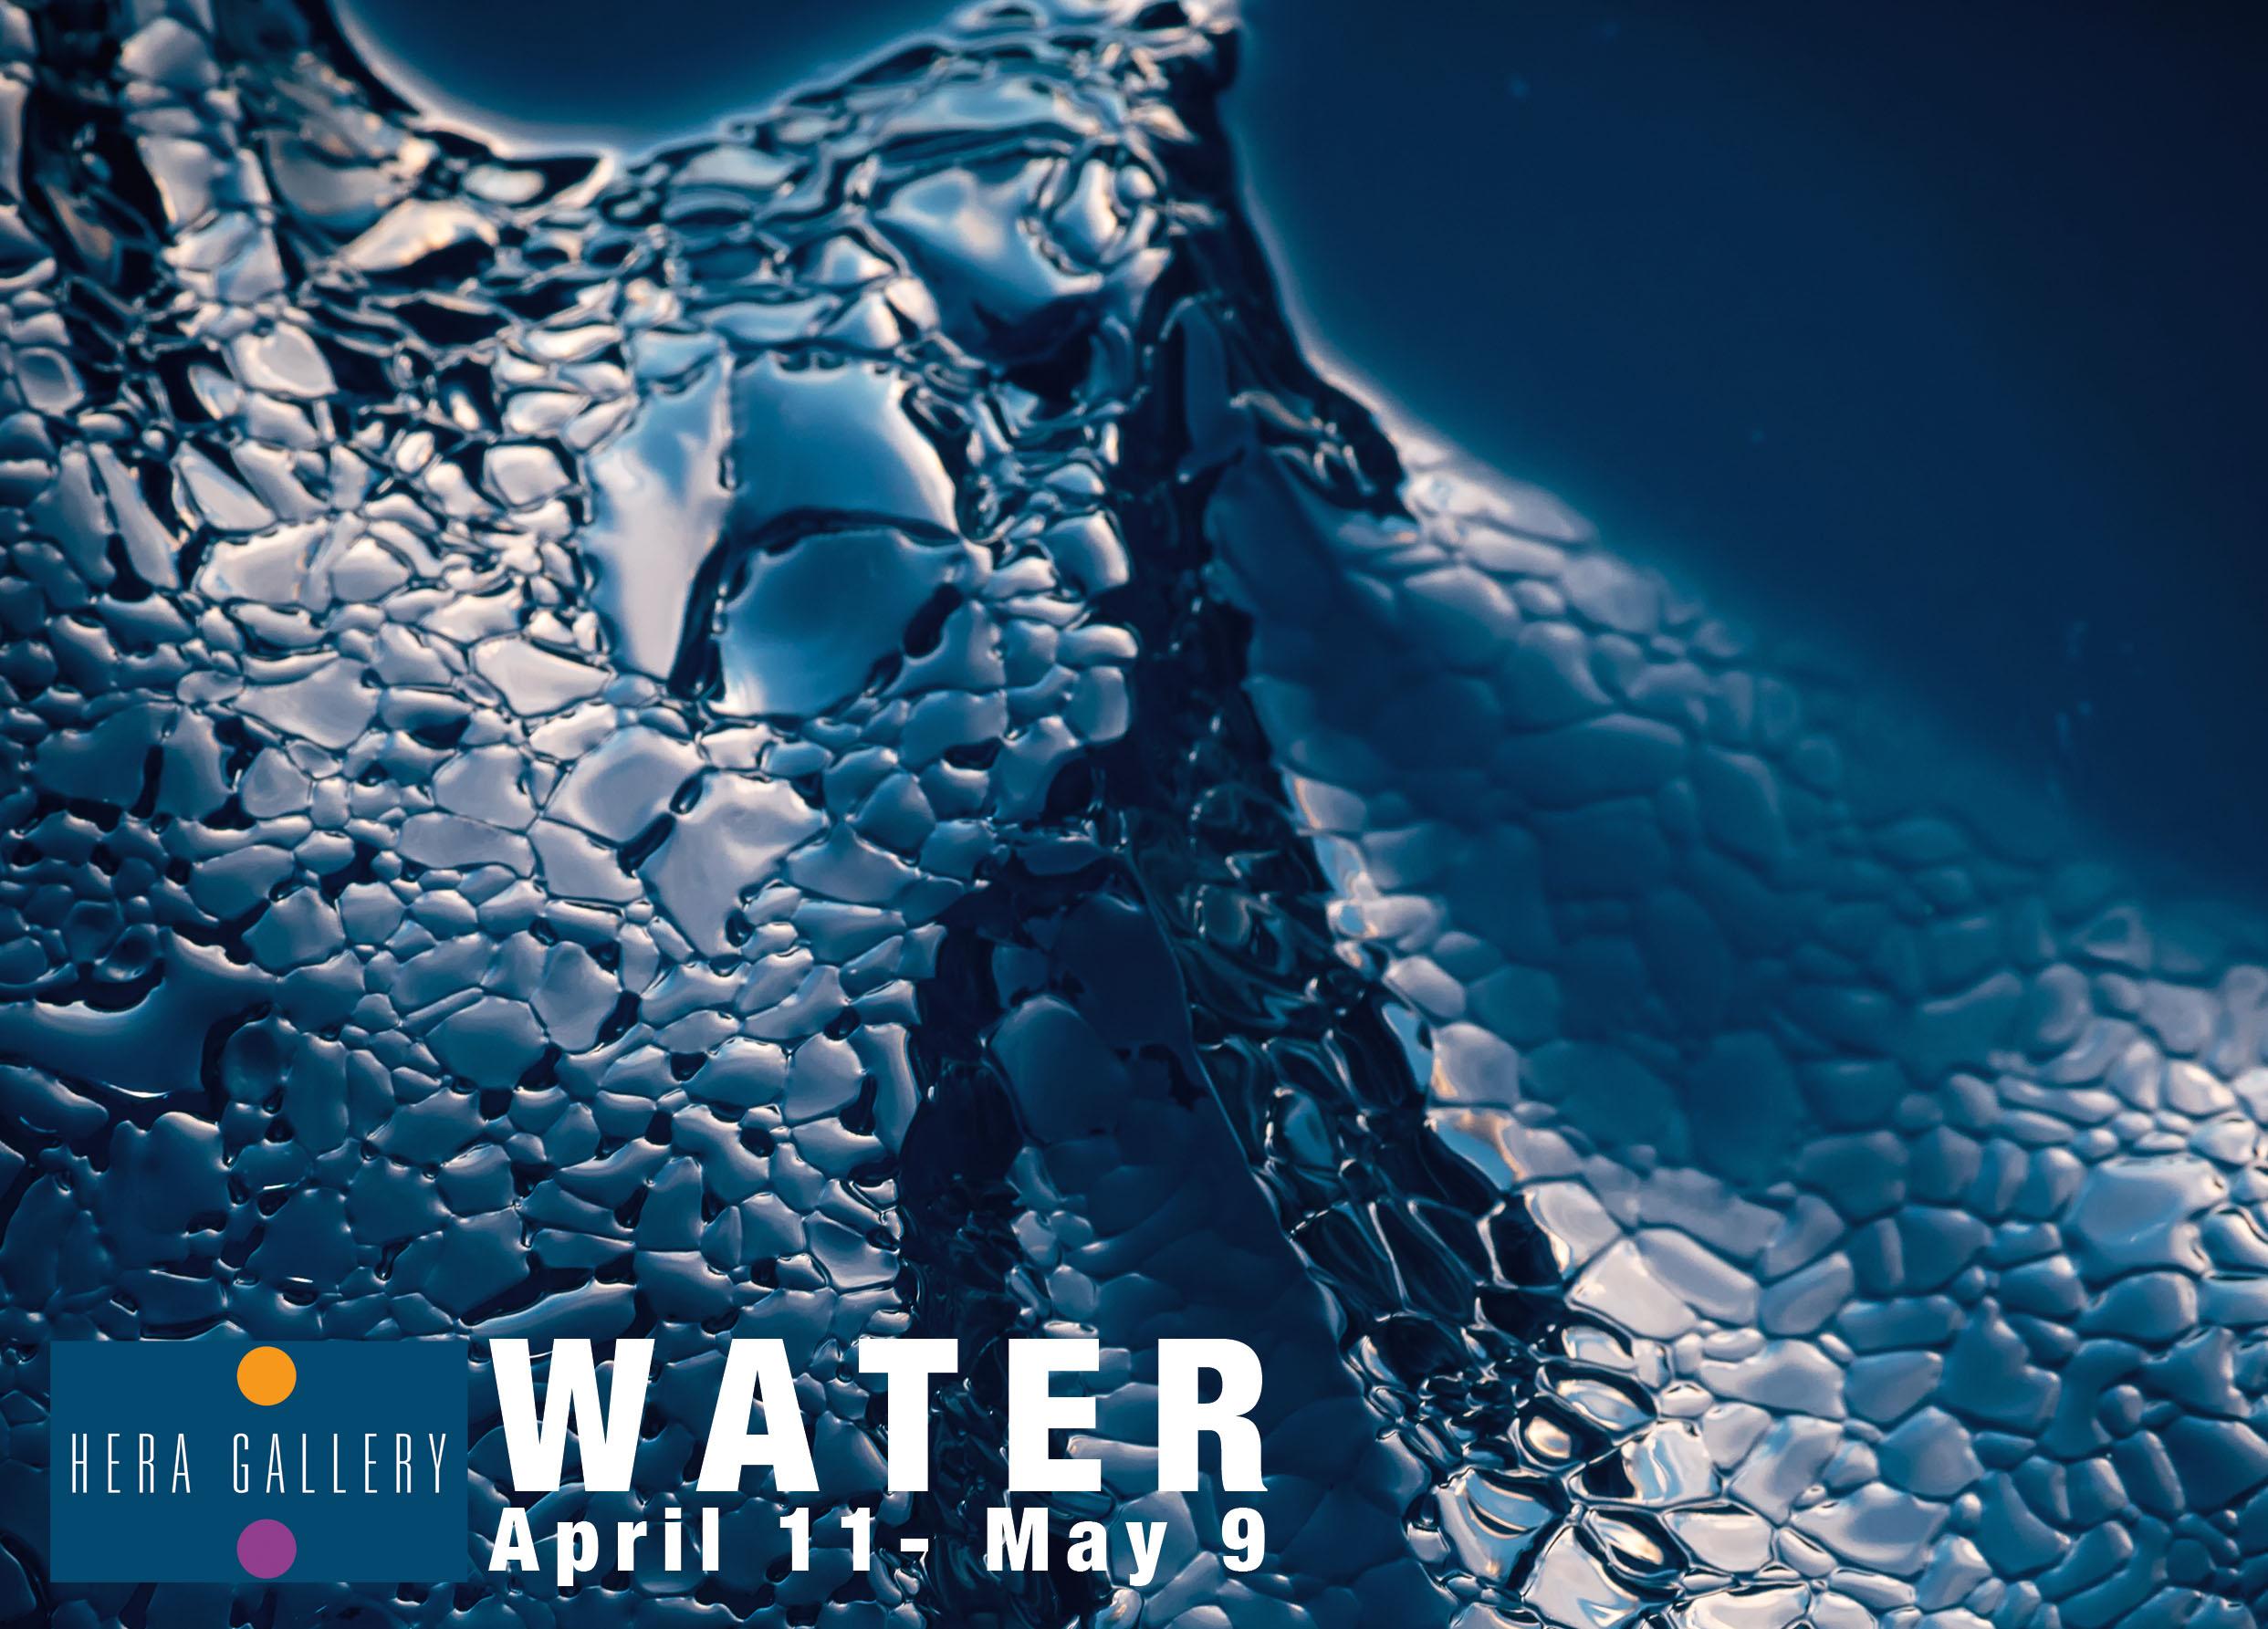 WaterWebsite.jpg